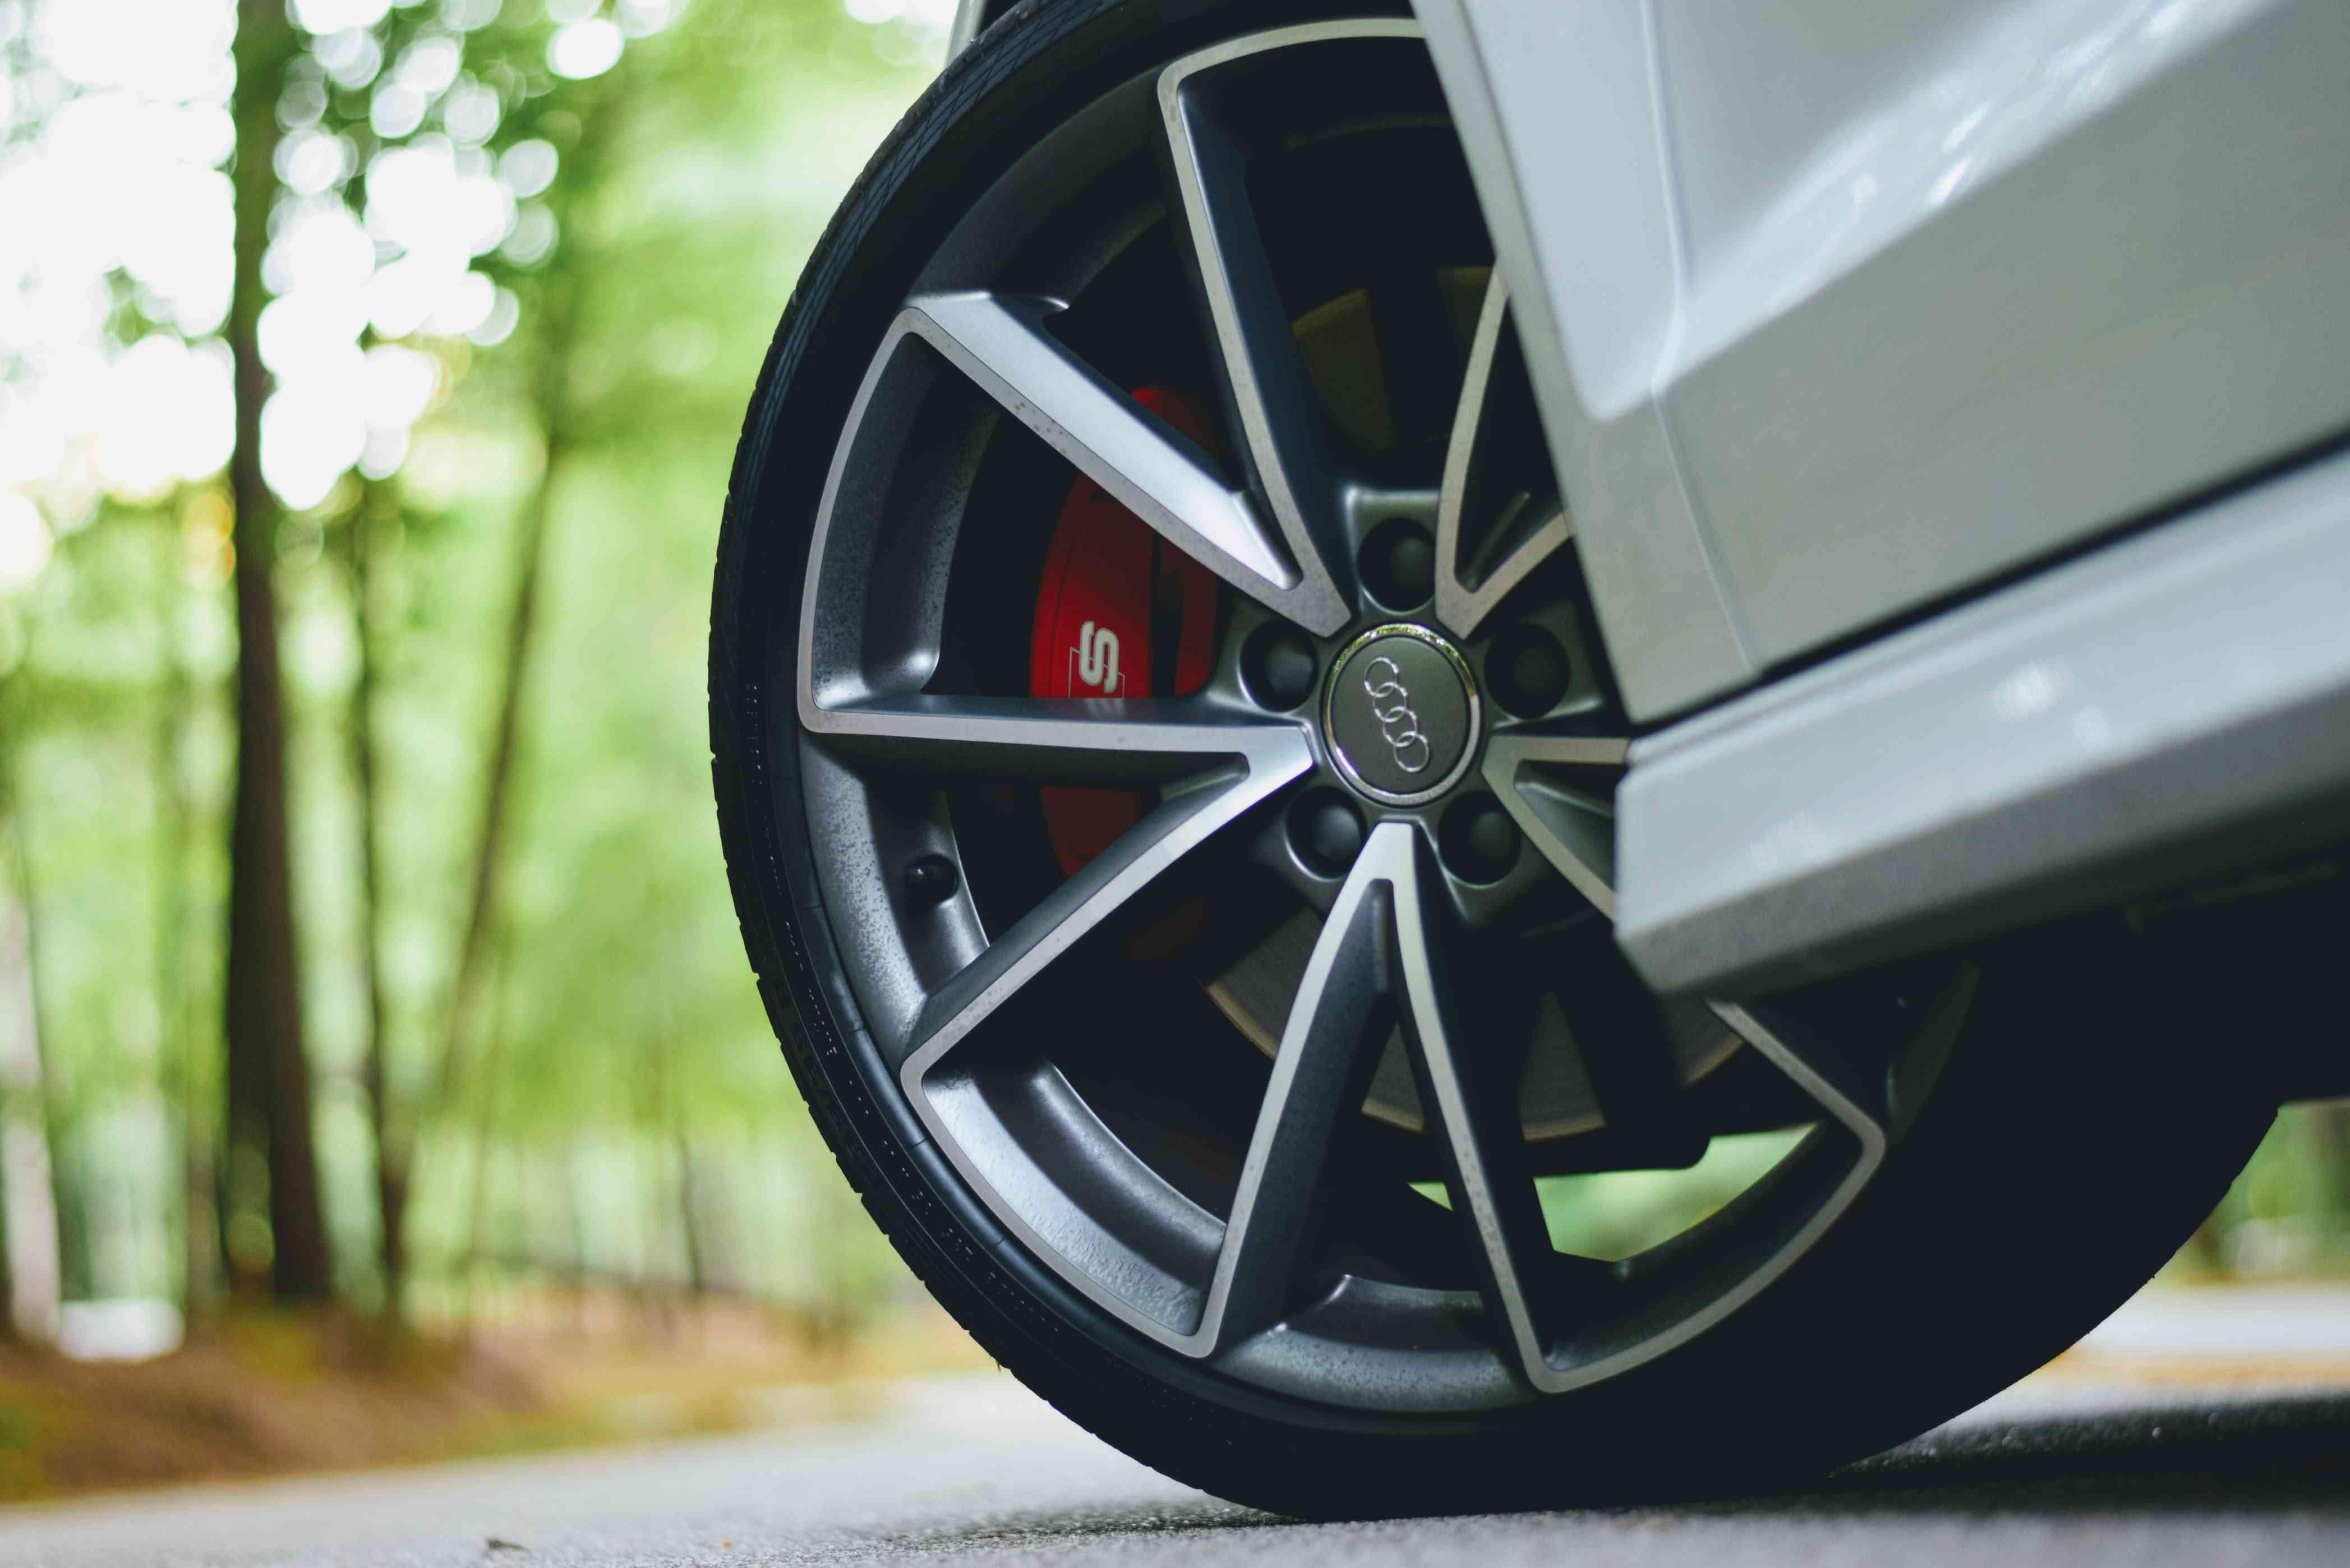 Closeup of an Audi tire.